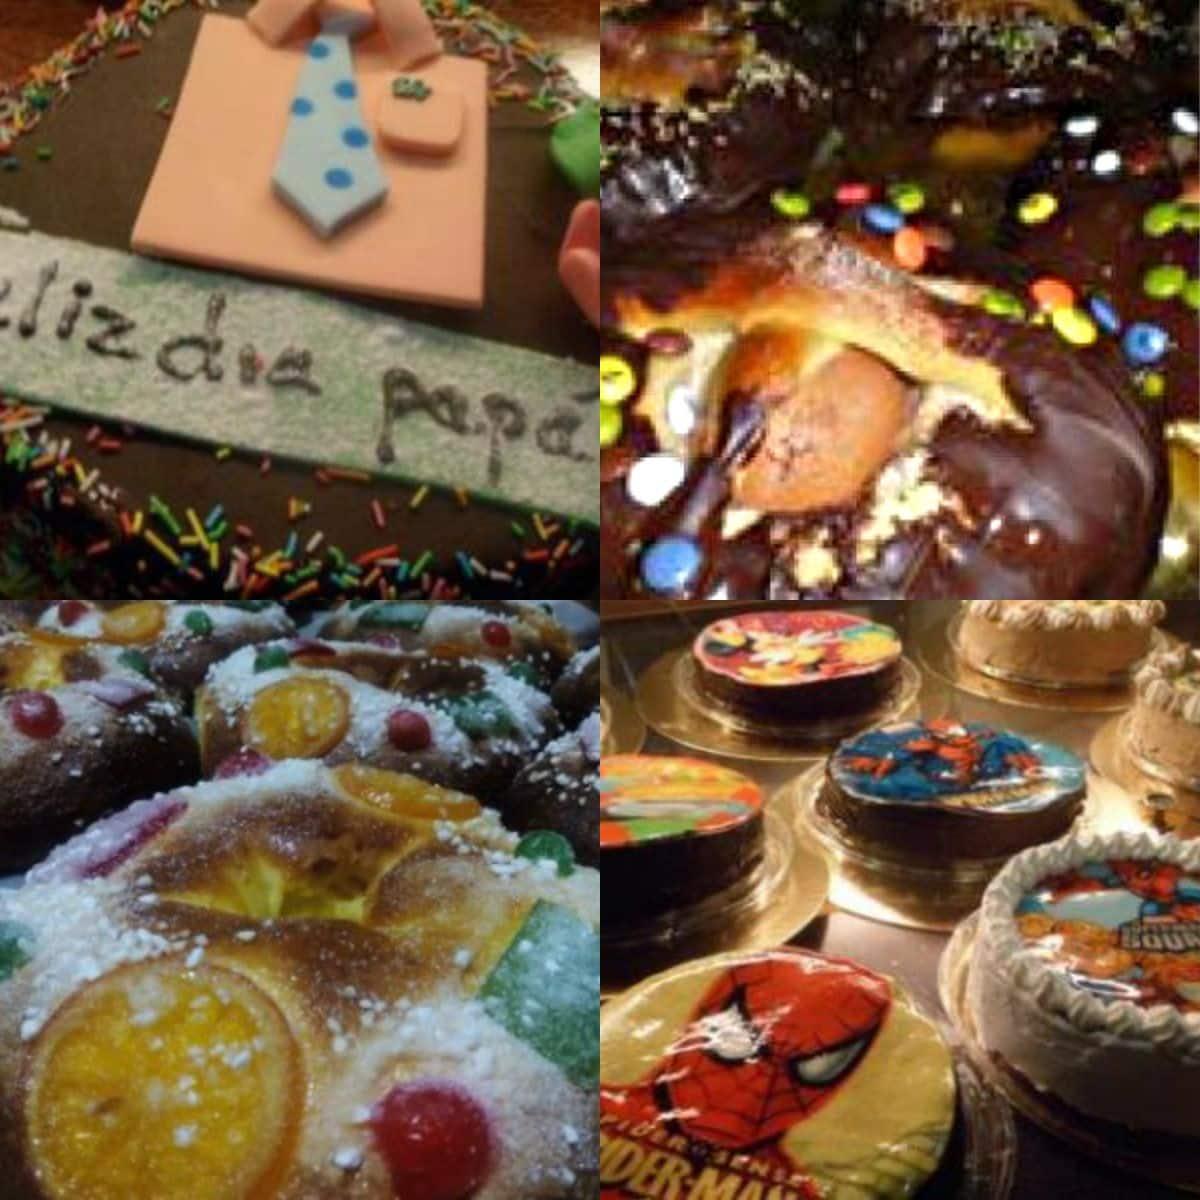 navidad-ocasiones-especiales-sin_gluten-www.panaderiajmgarcia.com-panaderia-alicante